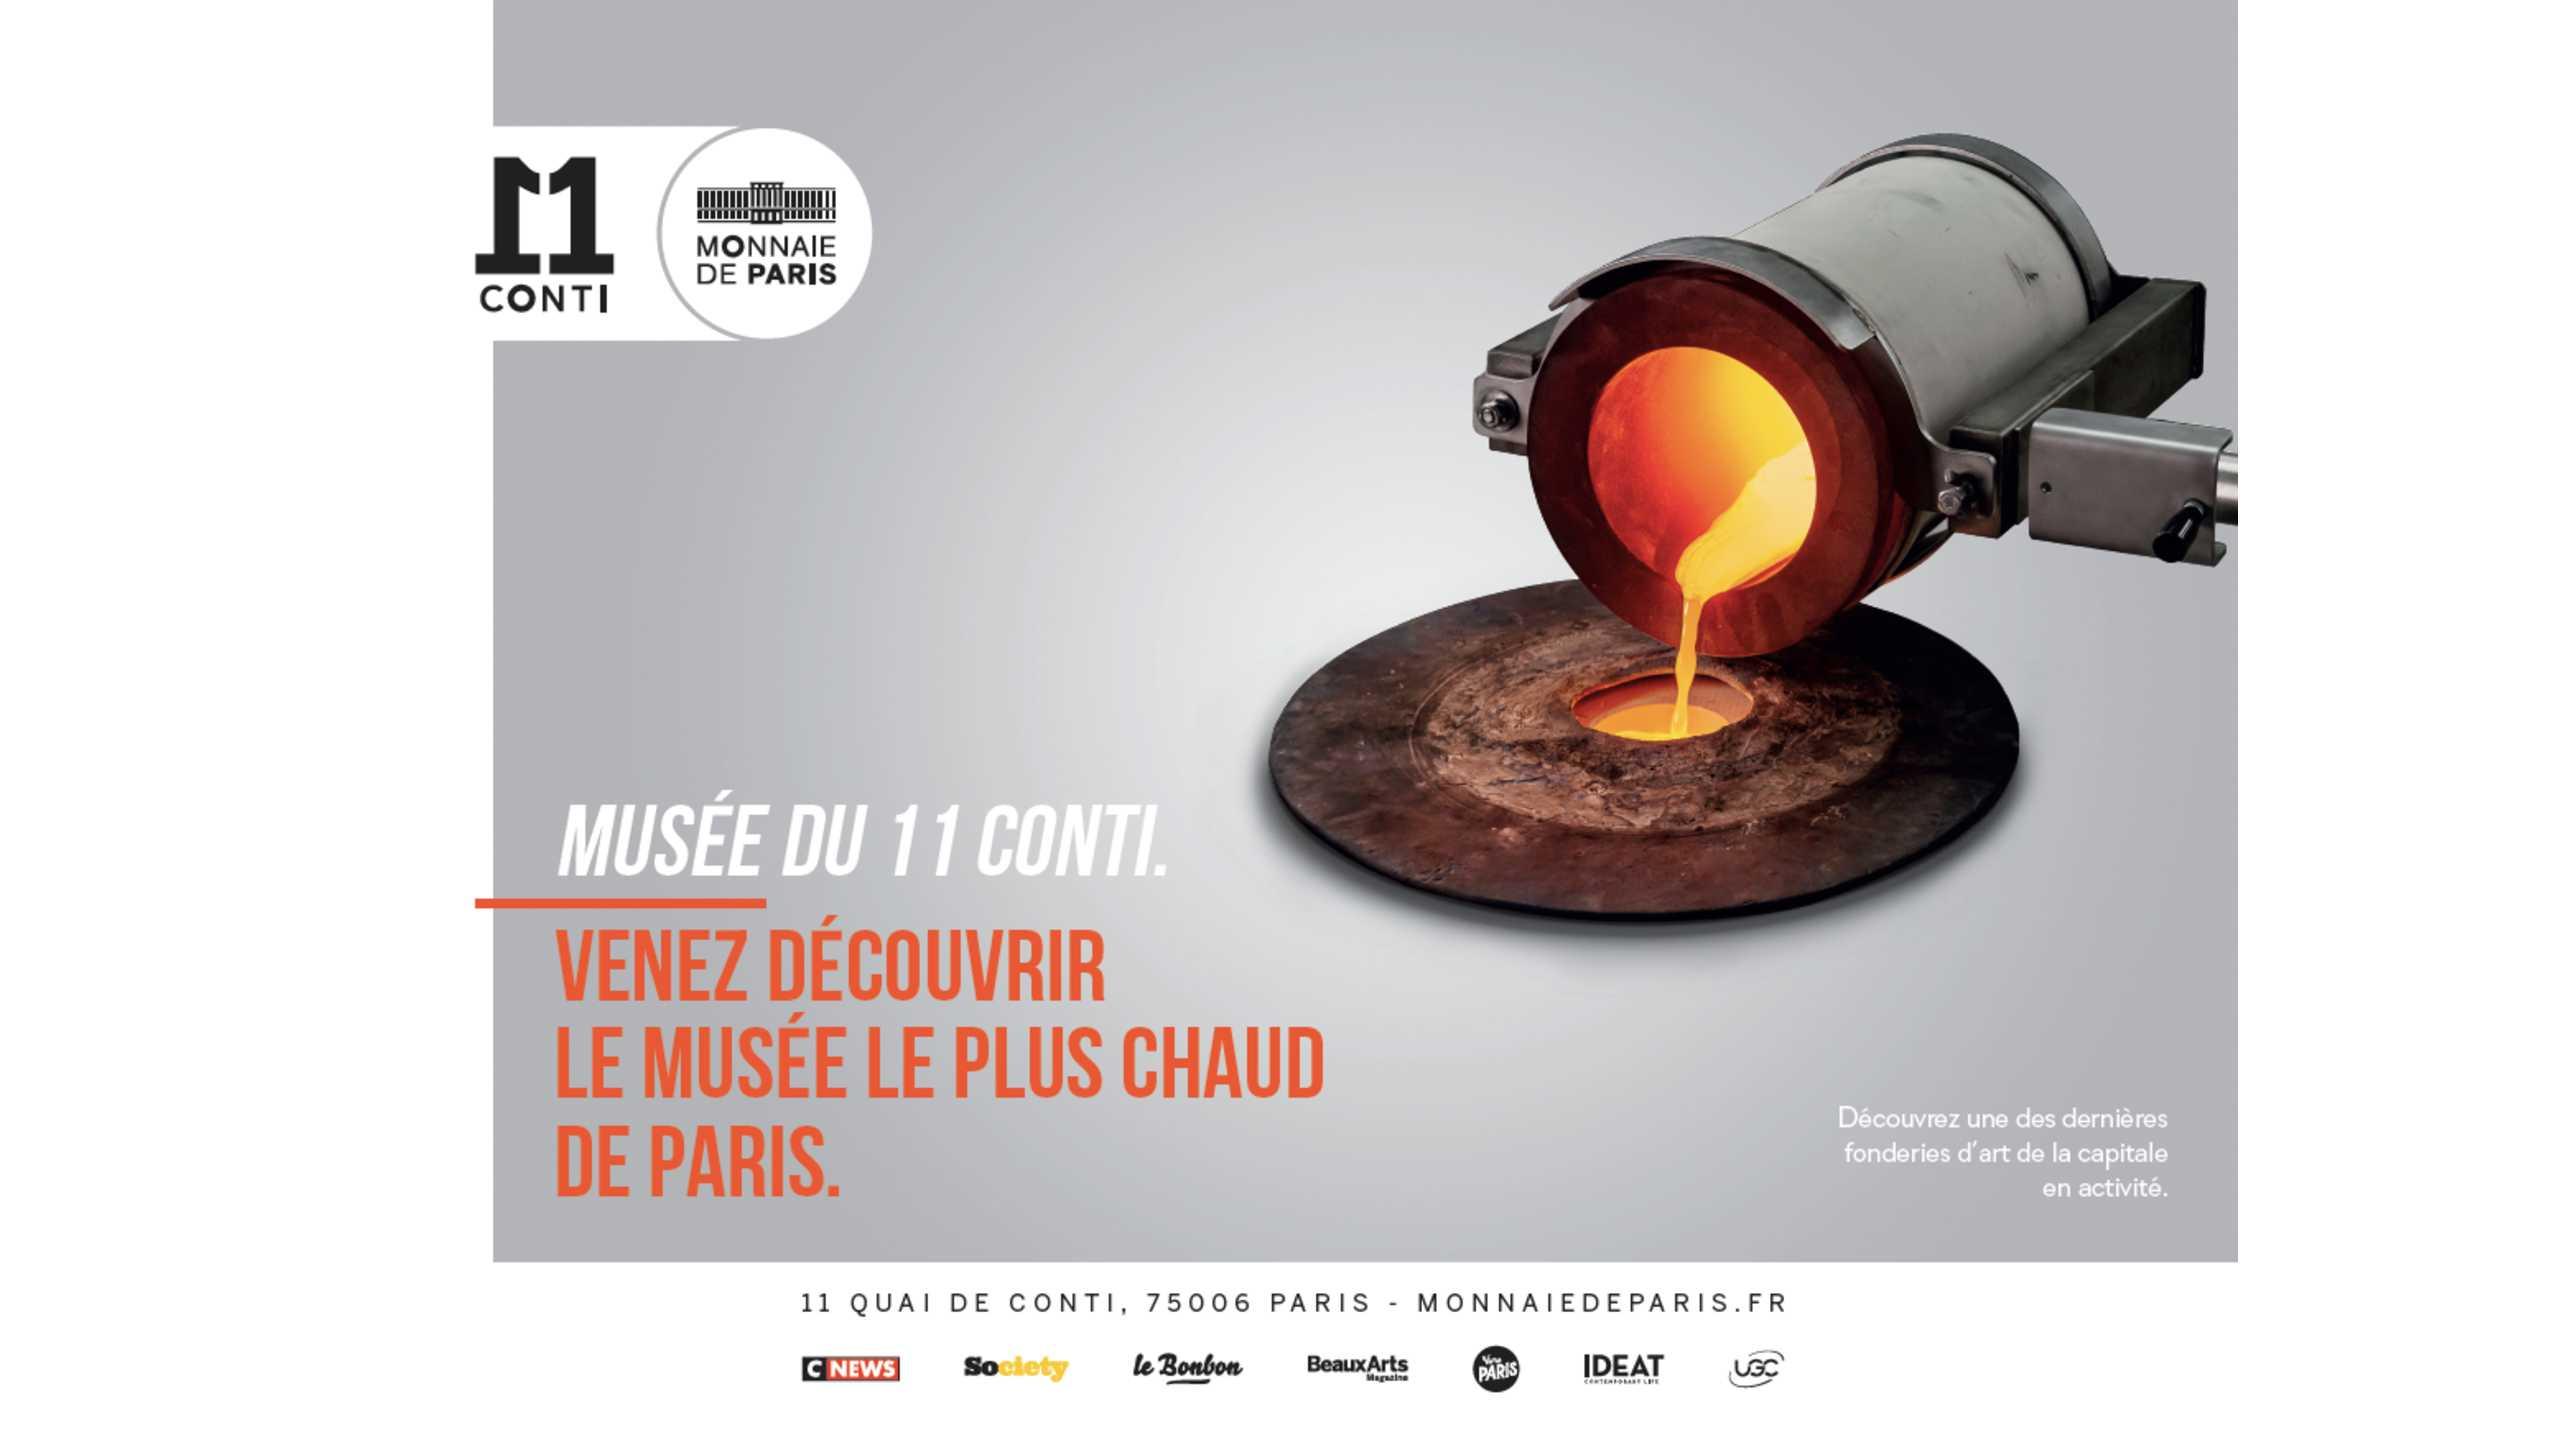 Venez découvrir le musée le plus chaud de paris